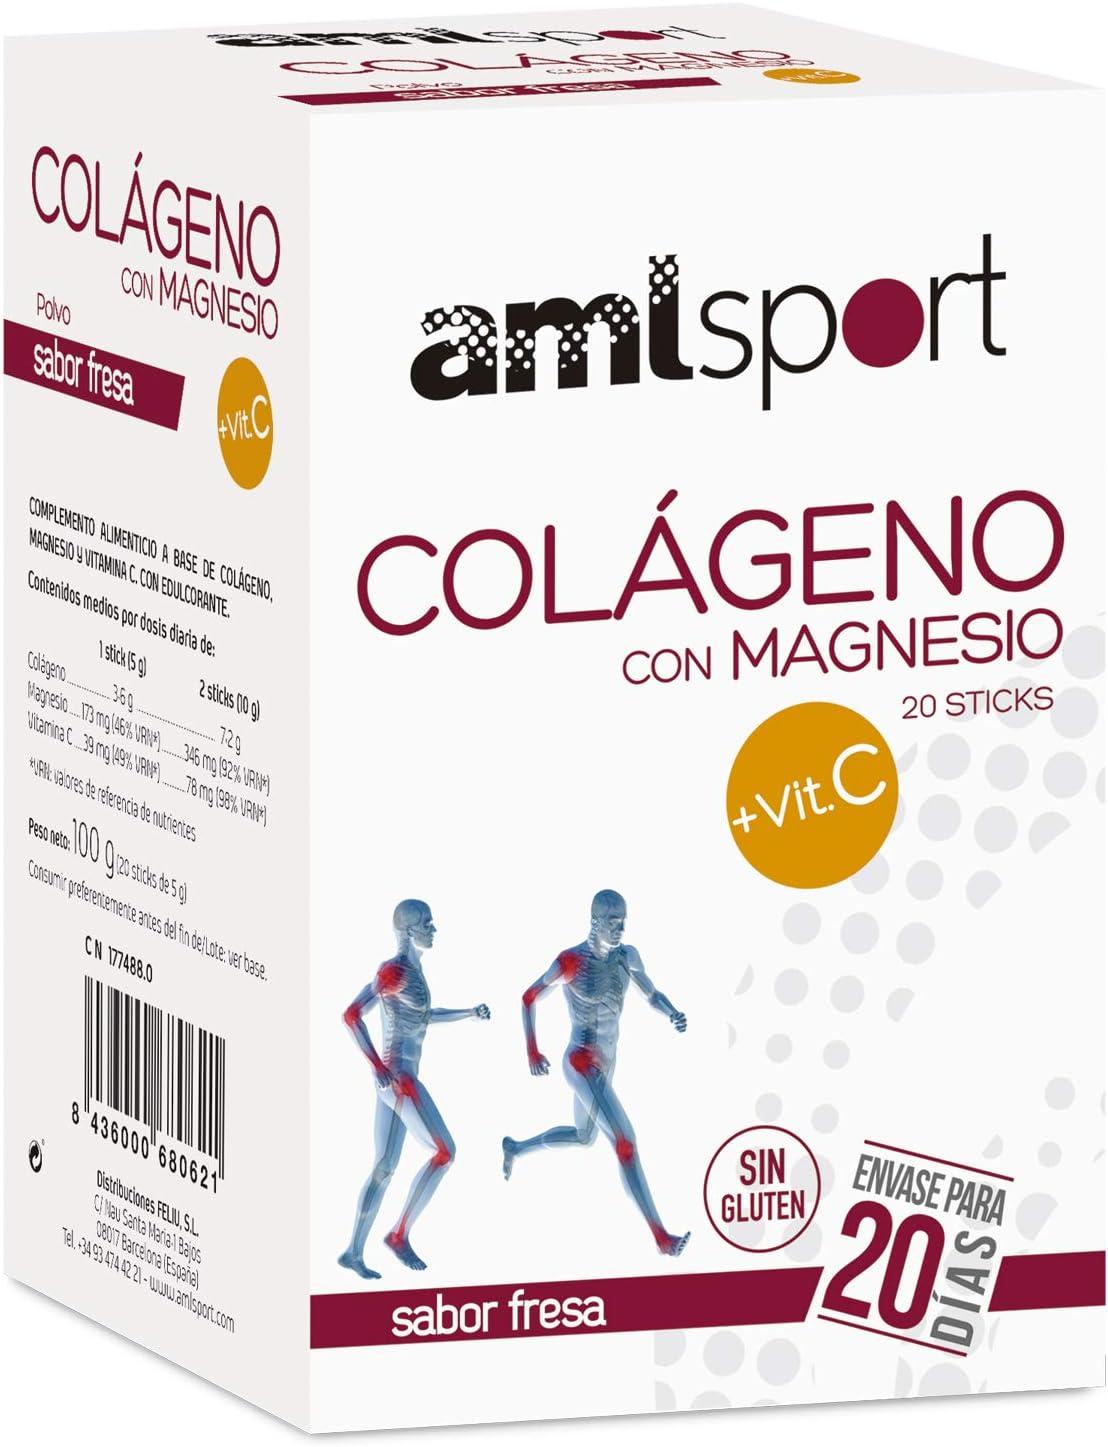 AMLsport - Colágeno con magnesio + VIT C – 20 sticks (sabor fresa). Articulaciones fuertes. Regenerador de tejidos con colágeno hidrolizado tipo 1 y 2. Envase para 20 días de tratamiento.: Amazon.es: Deportes y aire libre